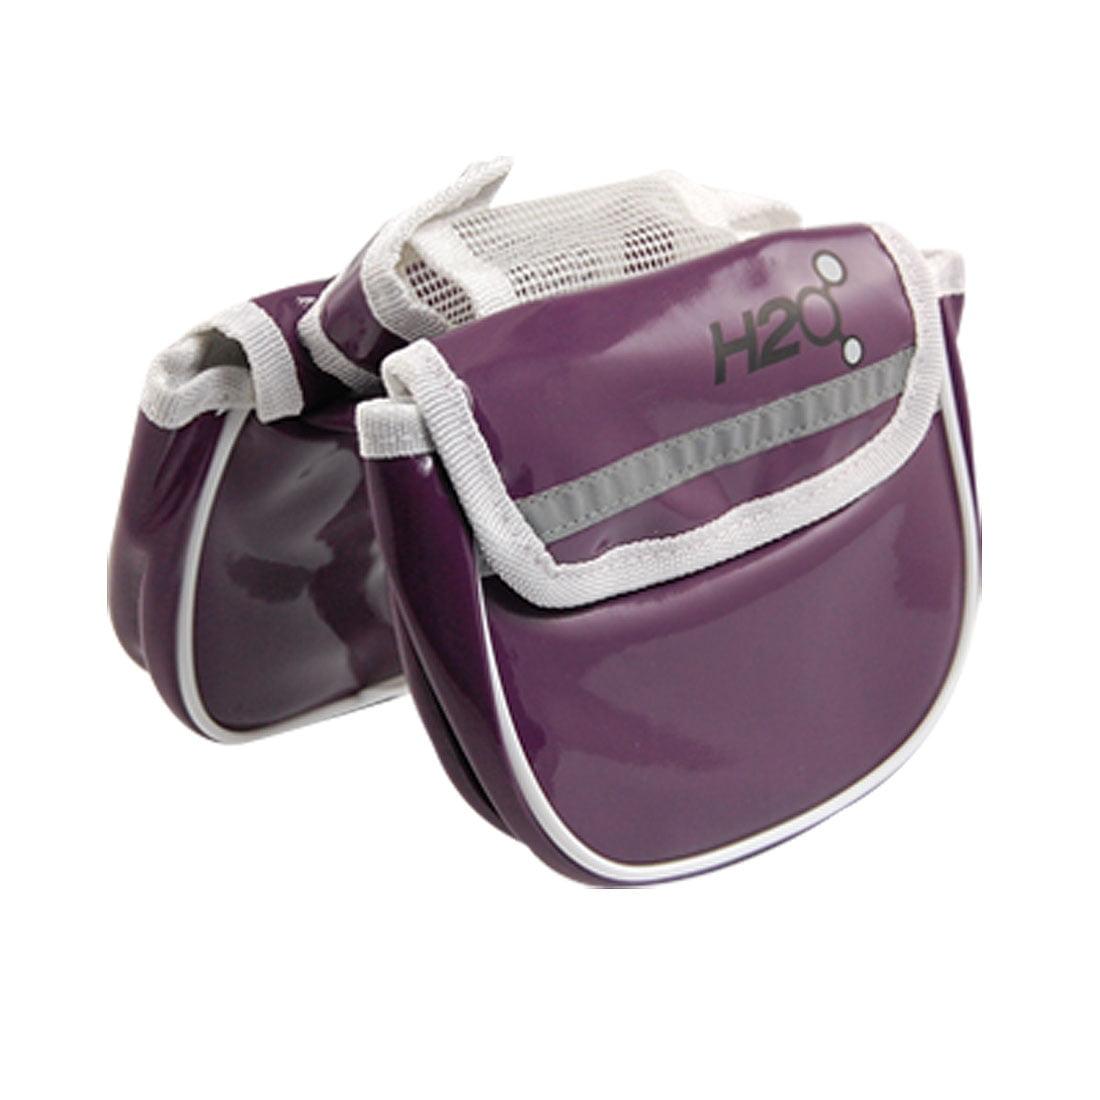 Unique Bargains Bicycle Rack Front Tube Nylon Lining Pannier Bag Purple